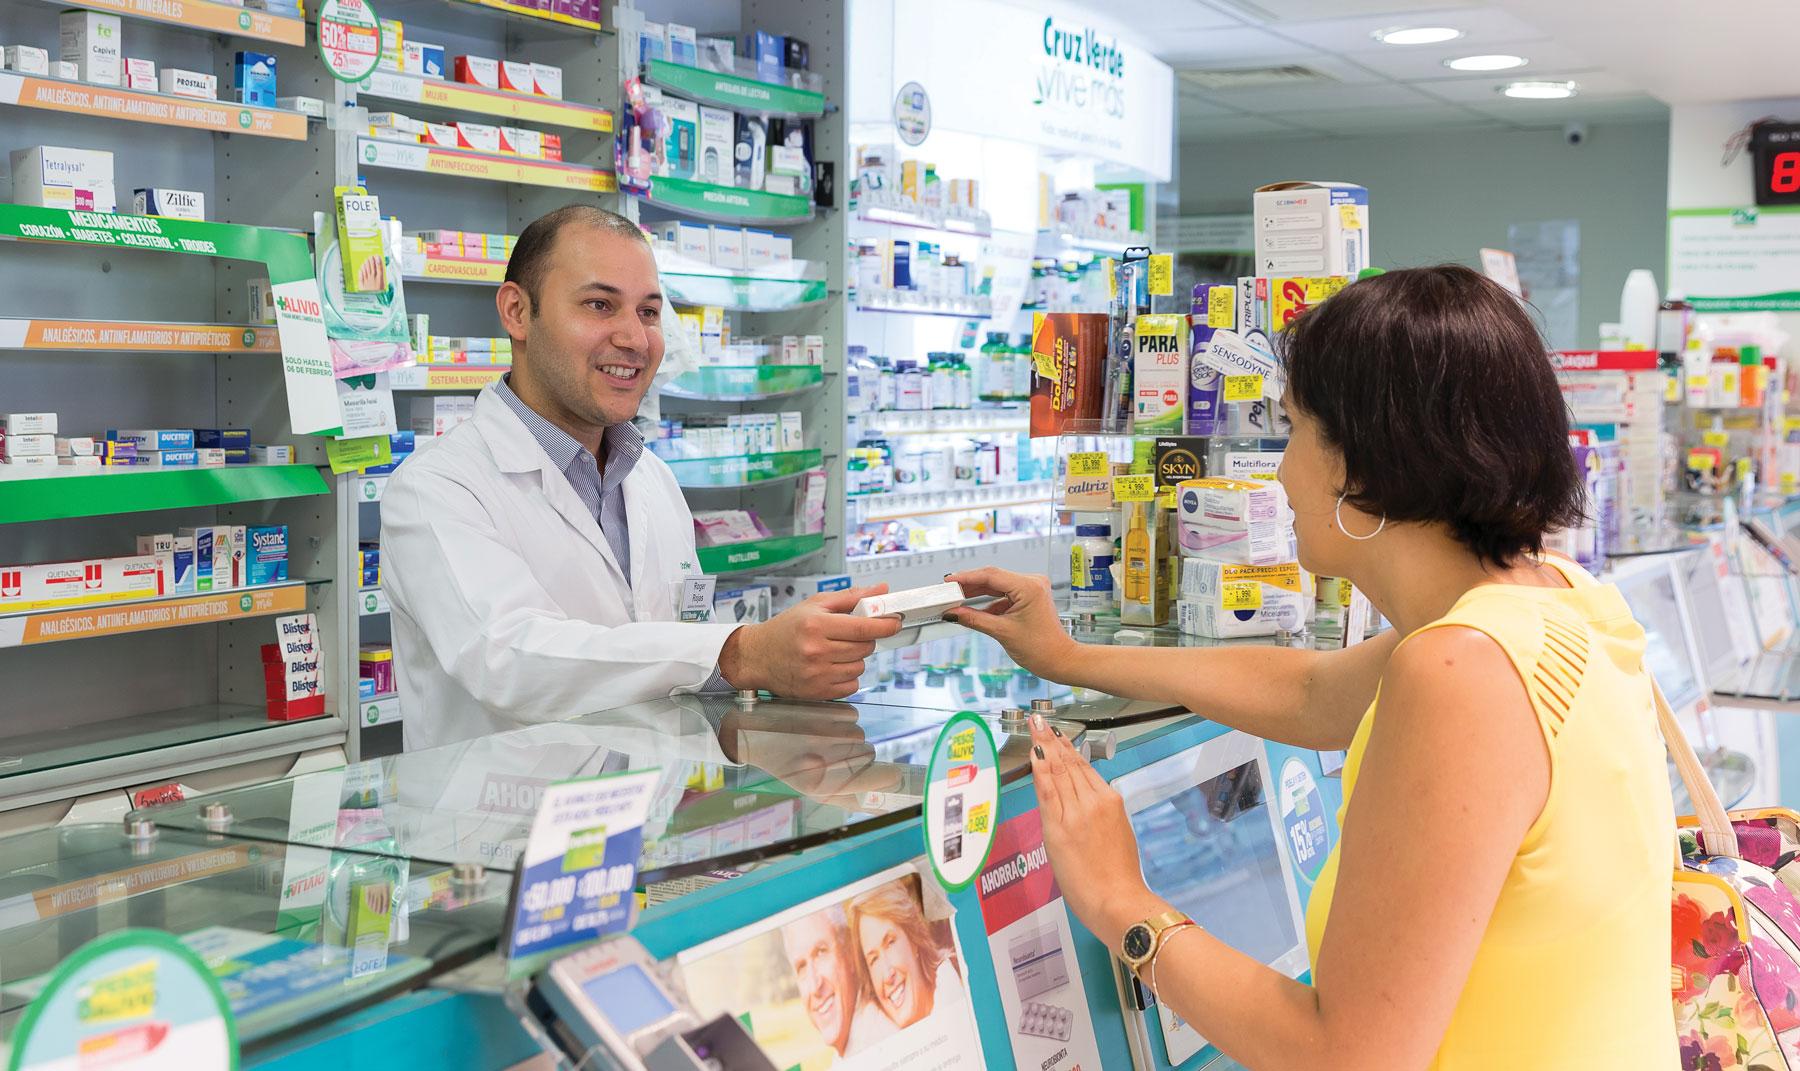 farmacia cruz verde imagen - FEMSA es el principal operador de farmacias en América Latina